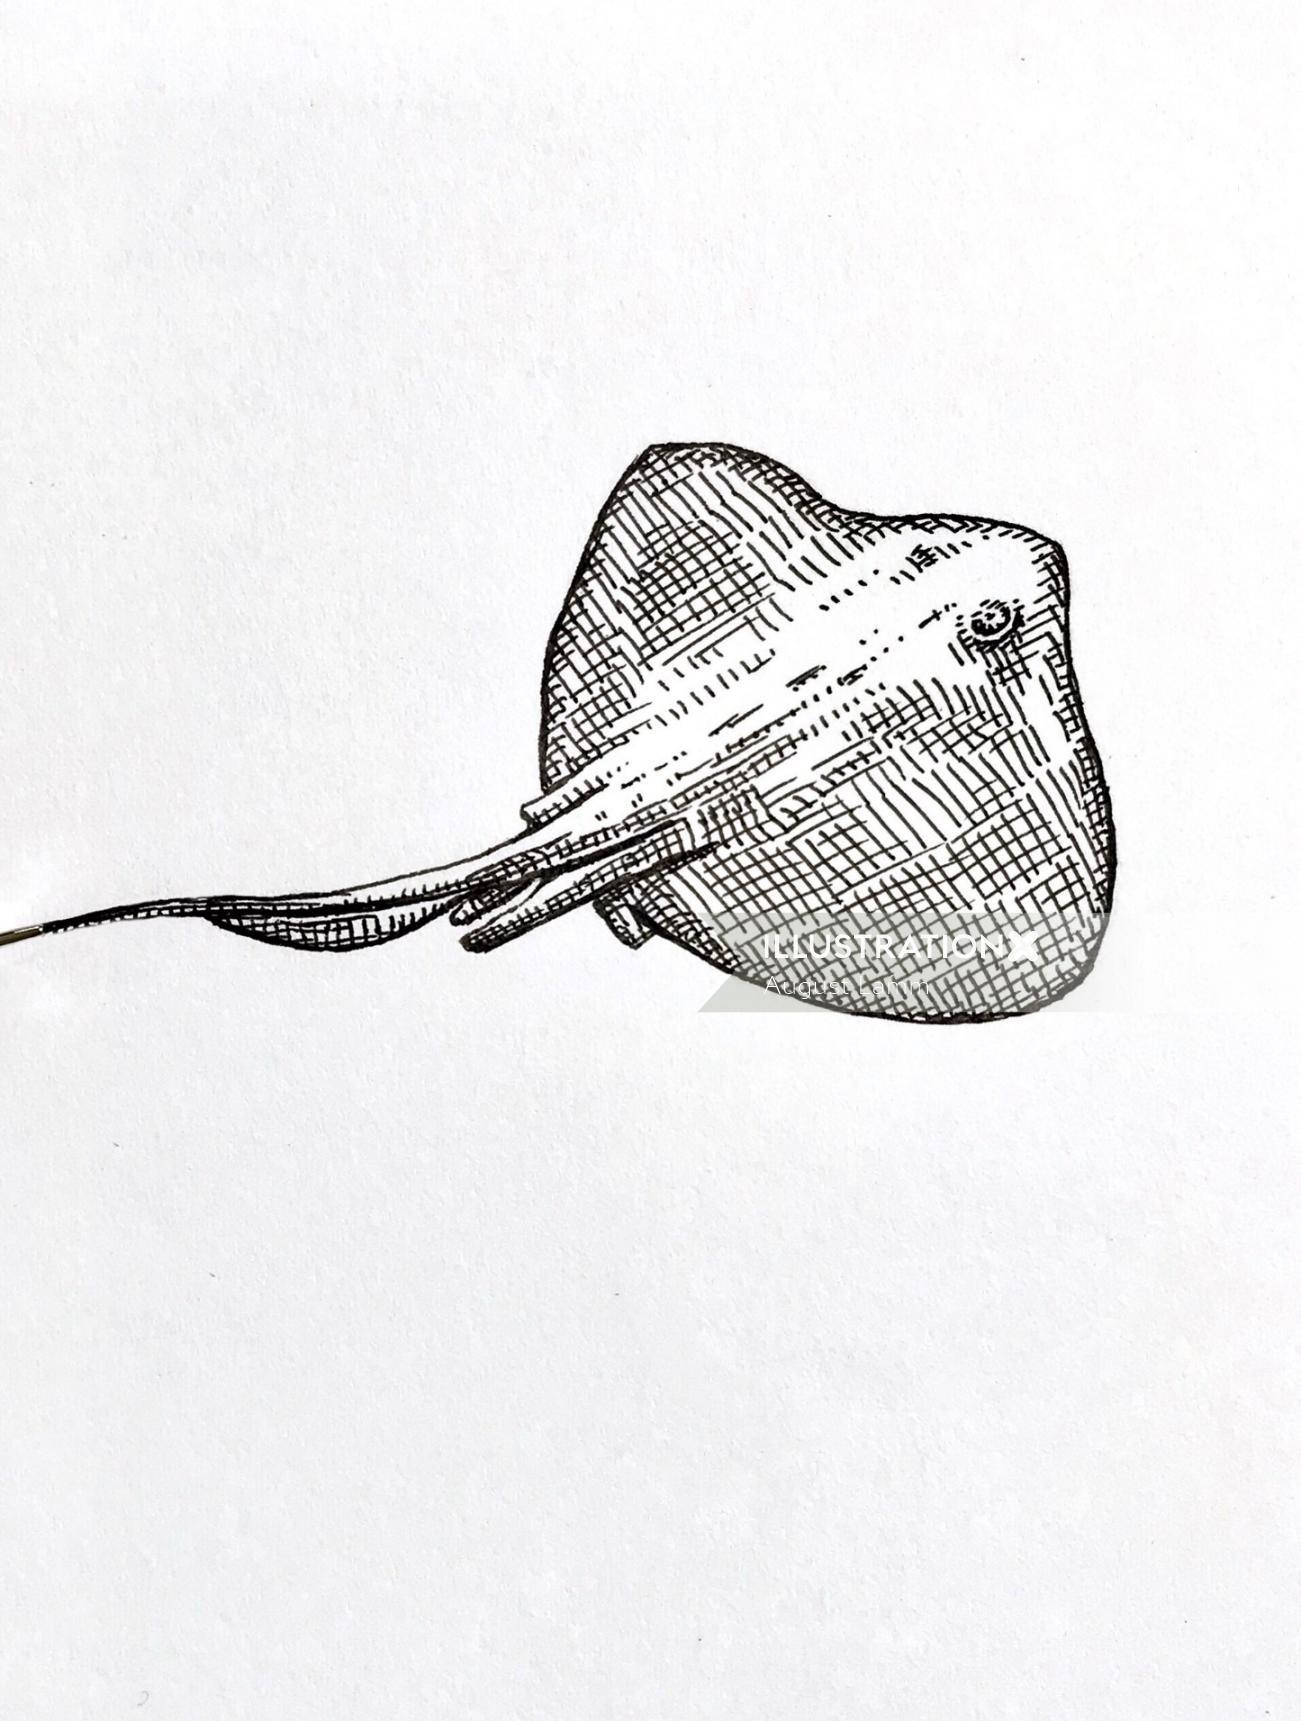 Pencil drawing of Batoidea